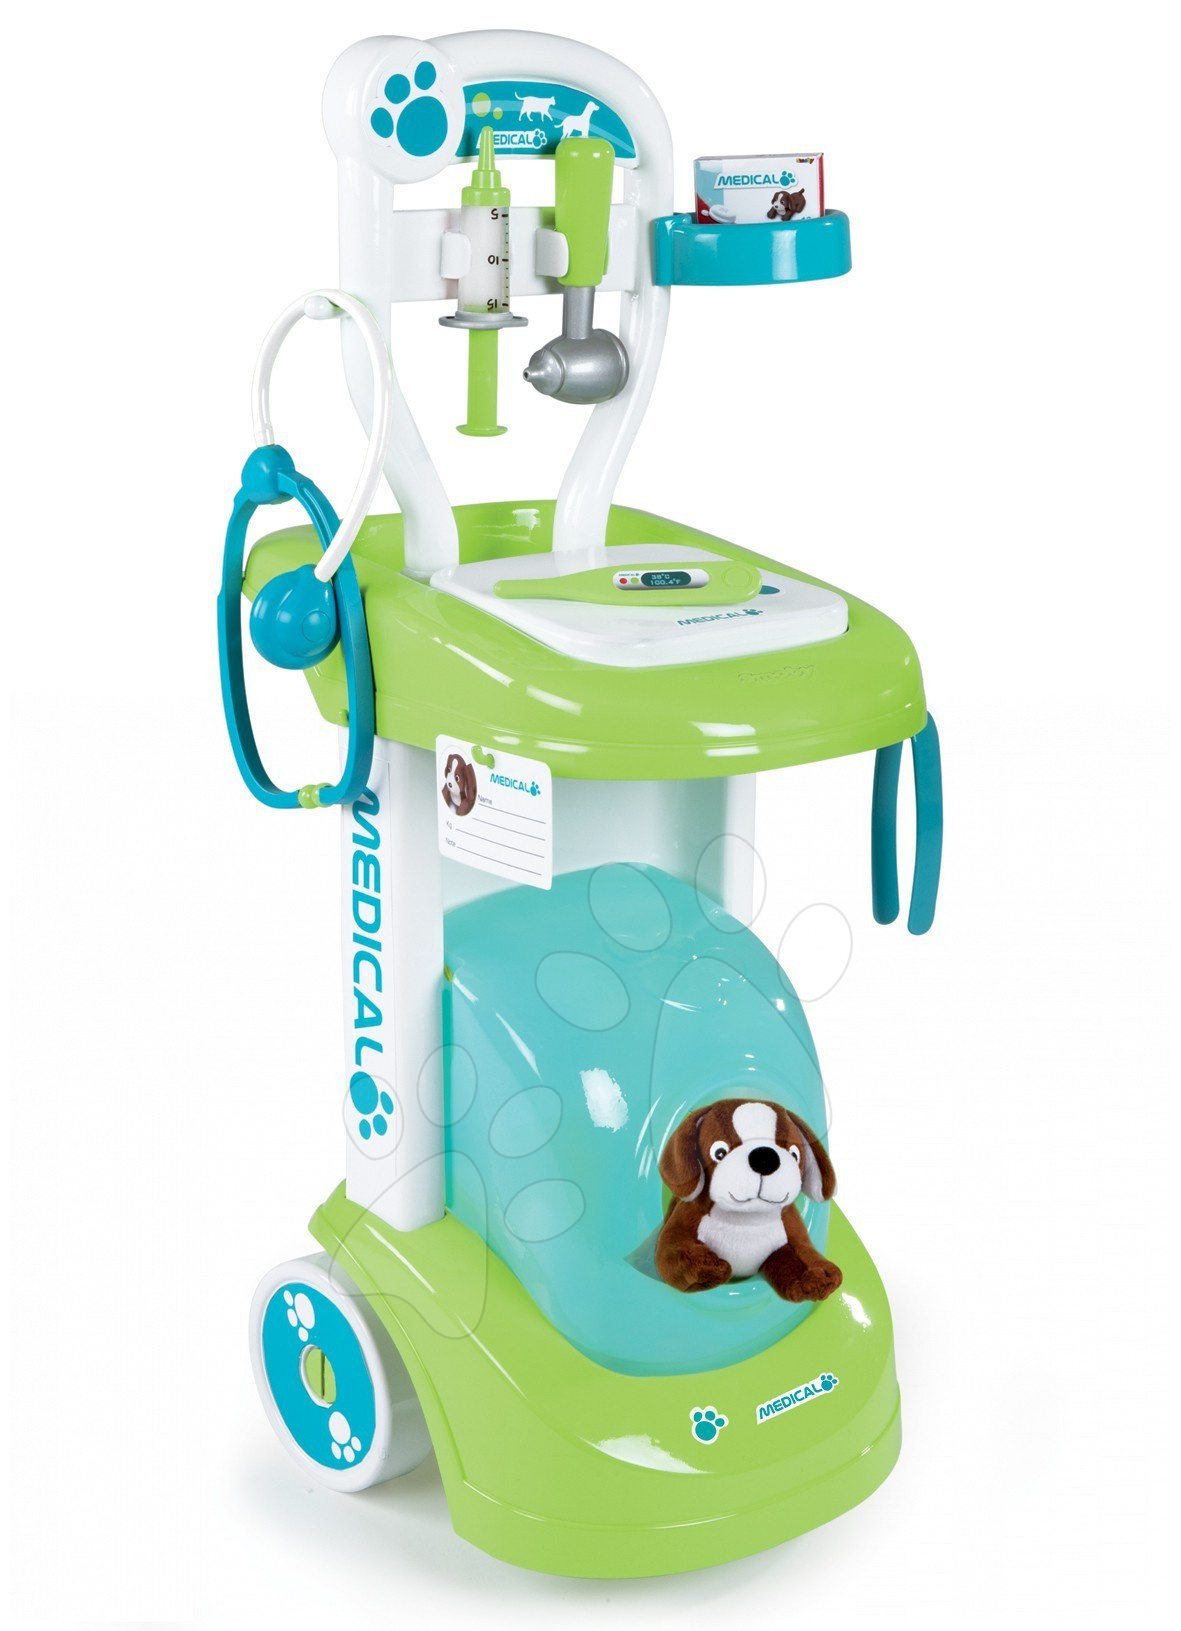 Lékařský veterinární vozík Smoby s pejskem a 8 doplňků